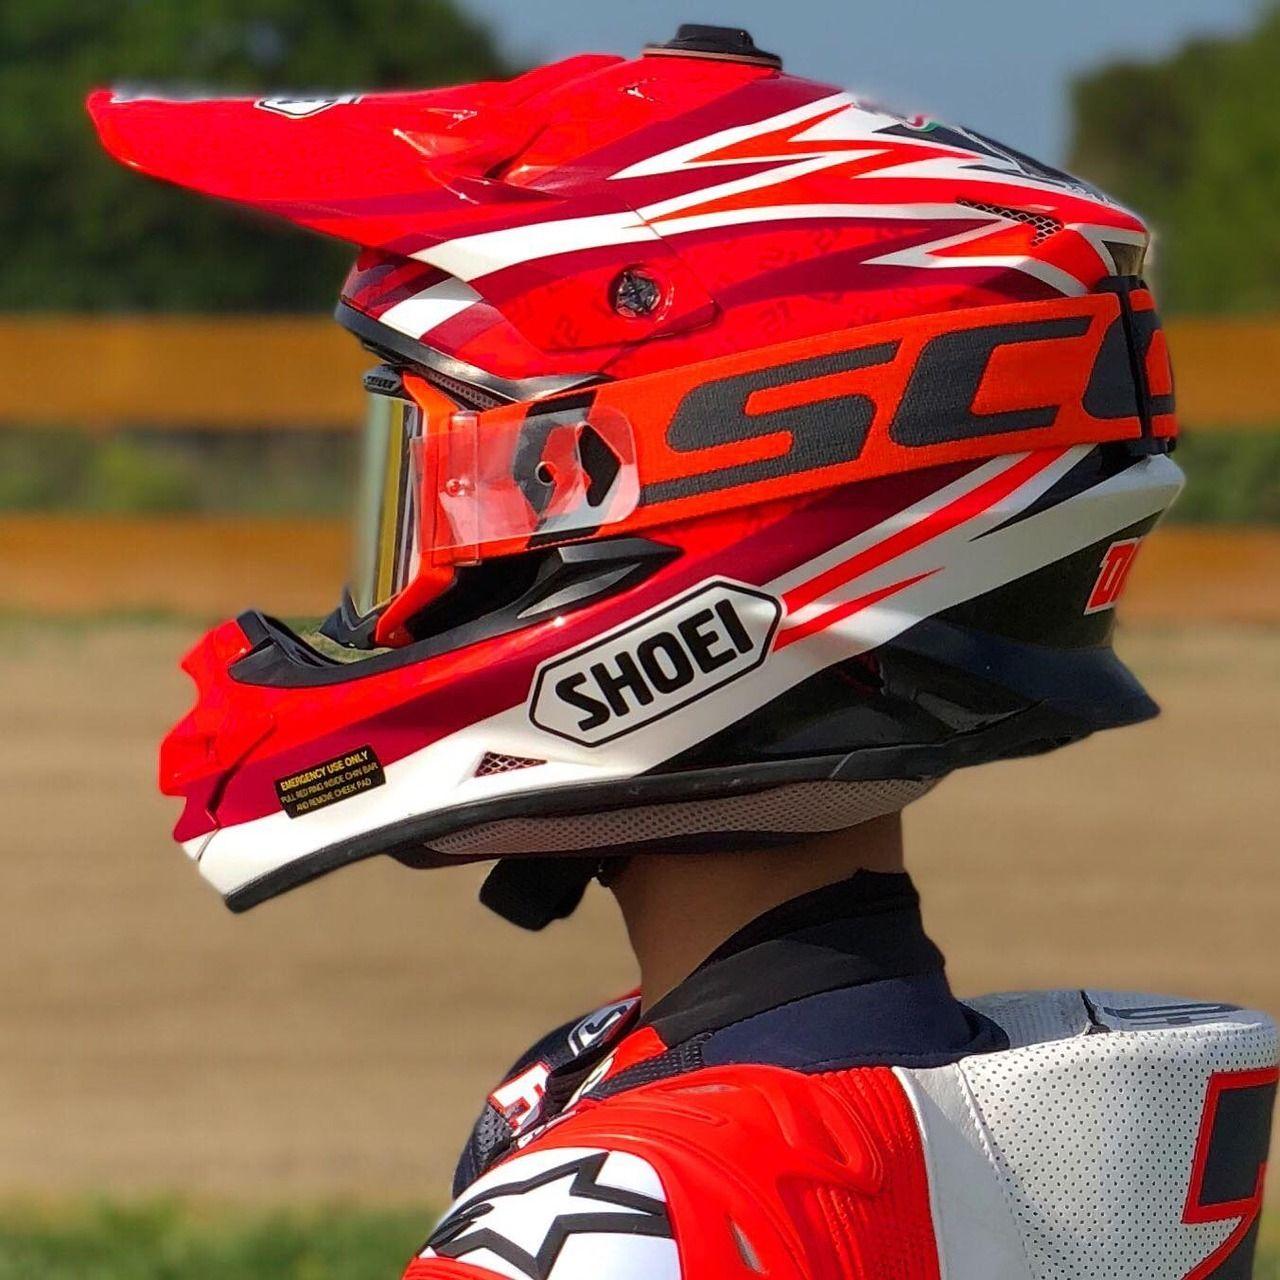 Bikerboy21 in 2021 | Motorrad männer, Motorrad, Motorradhelm